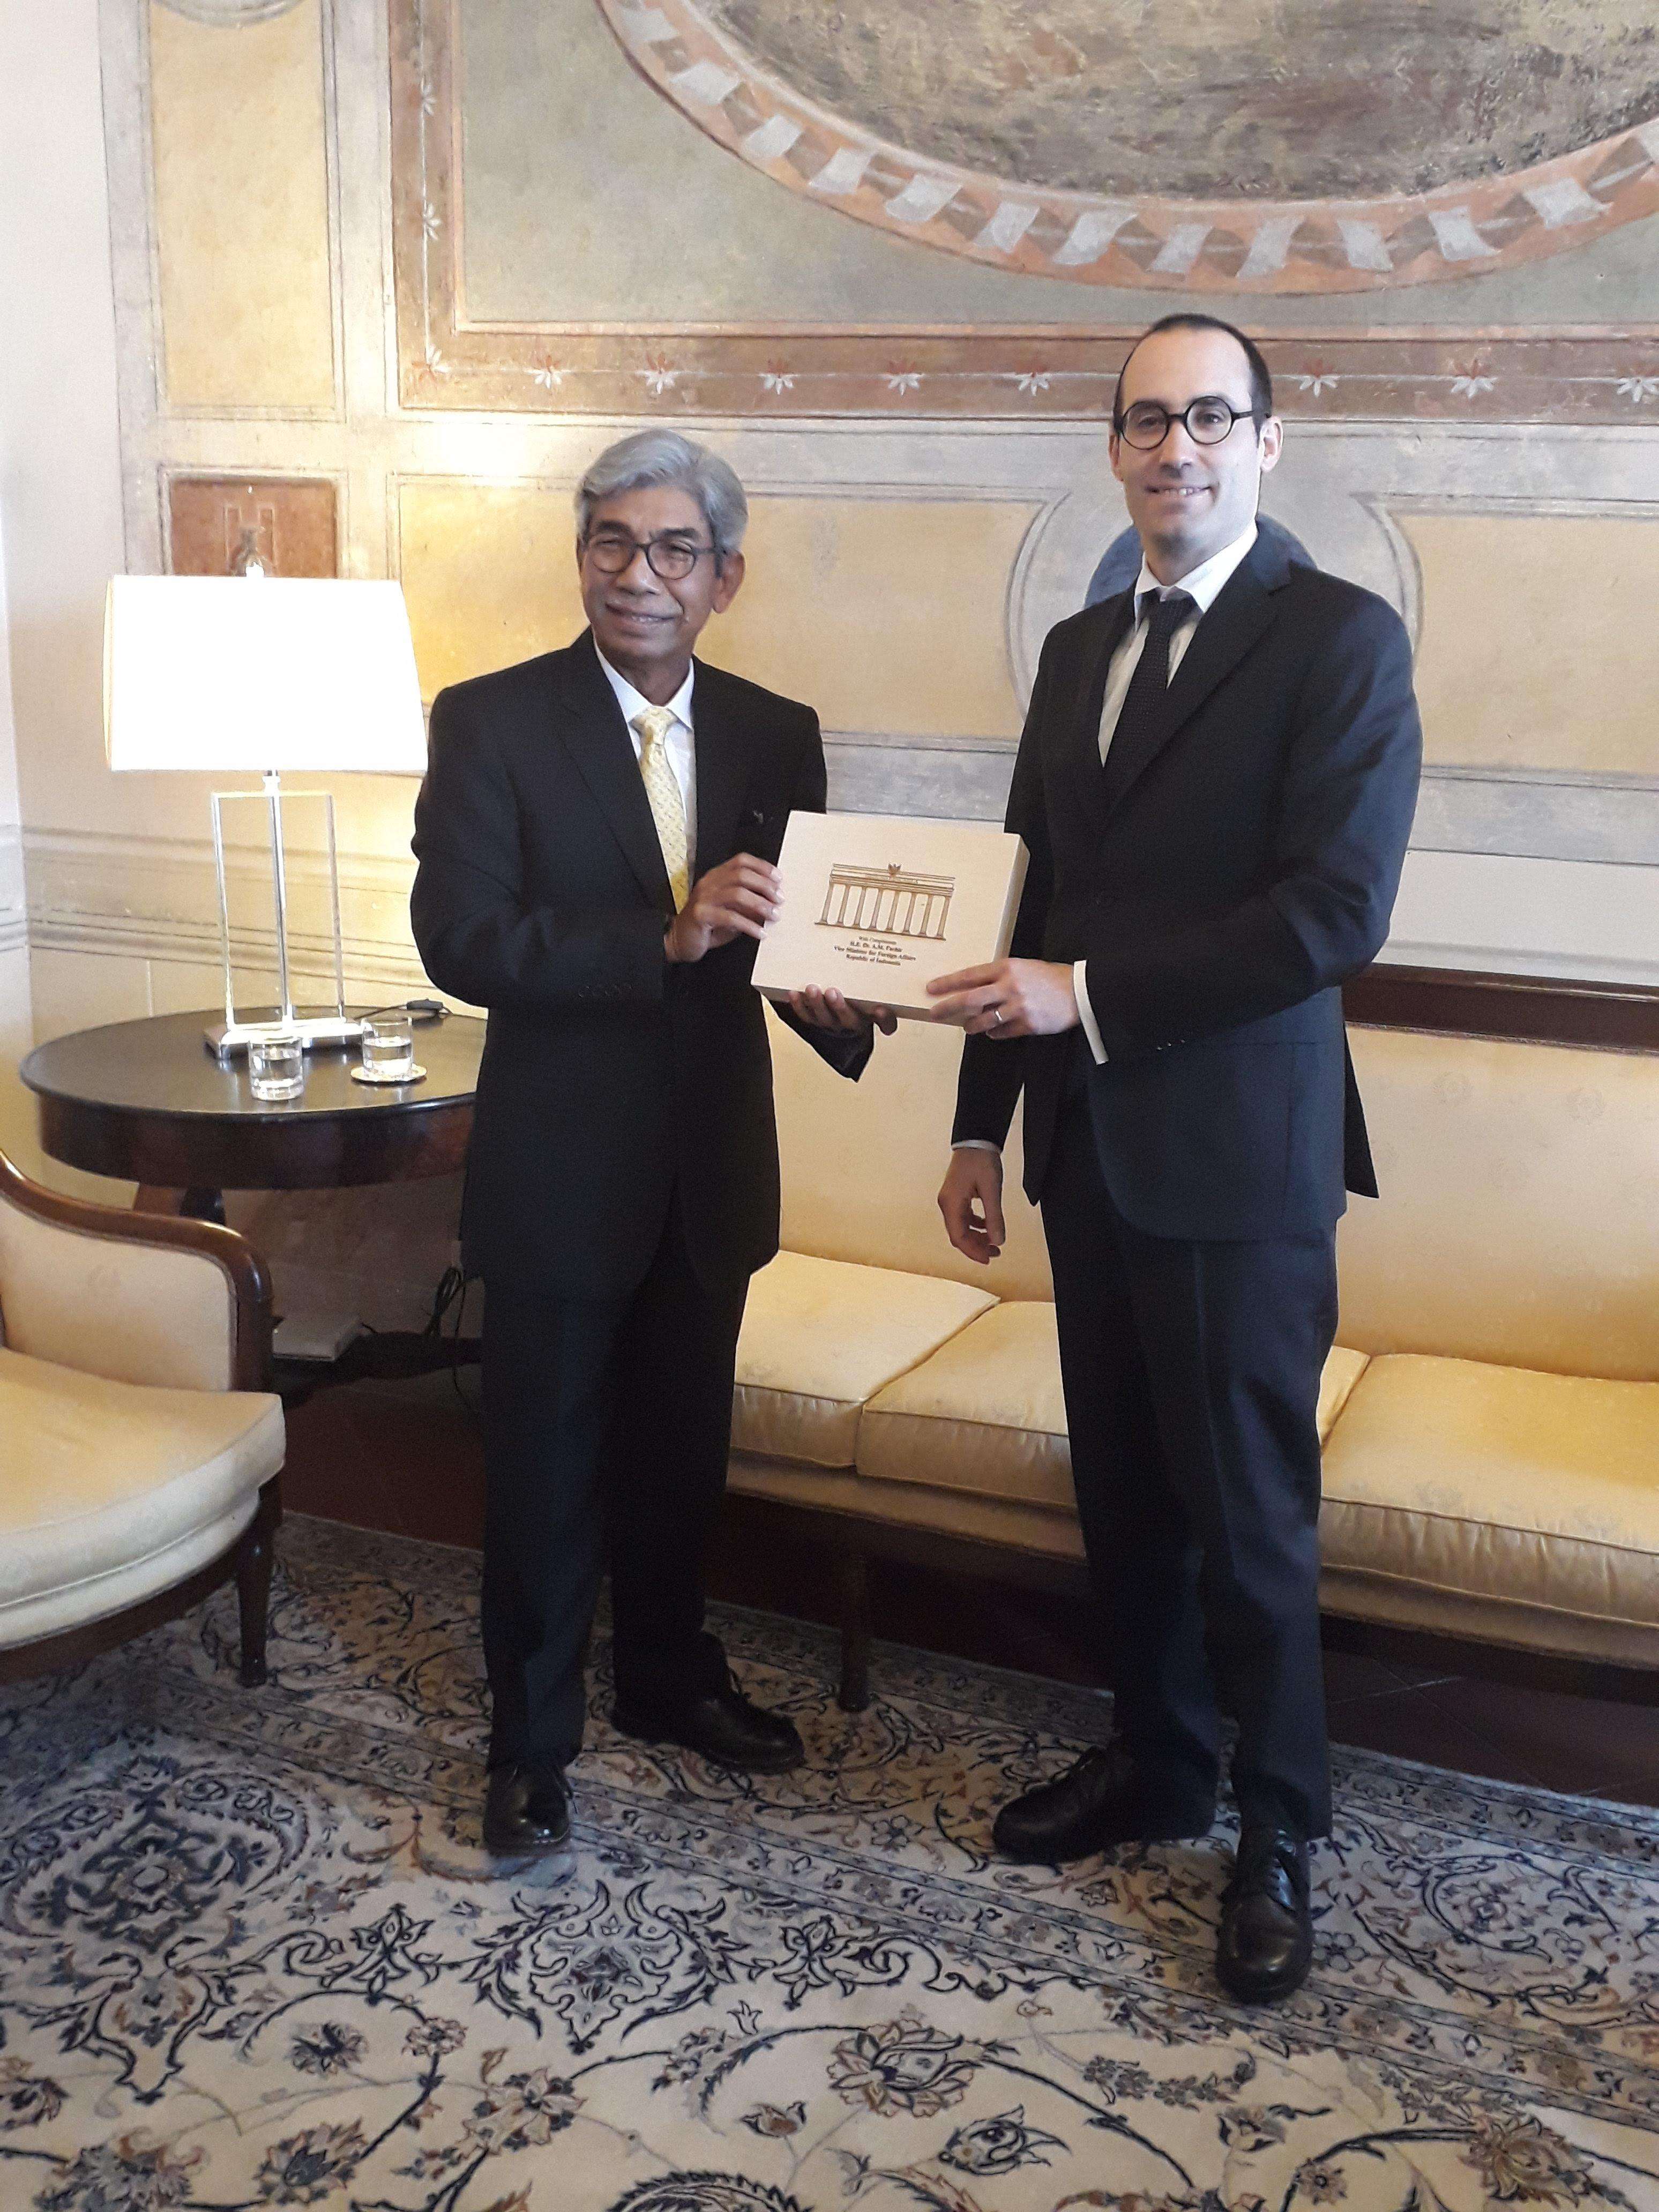 Visita del Viceministro agli Esteri della Repubblica di Indonesia